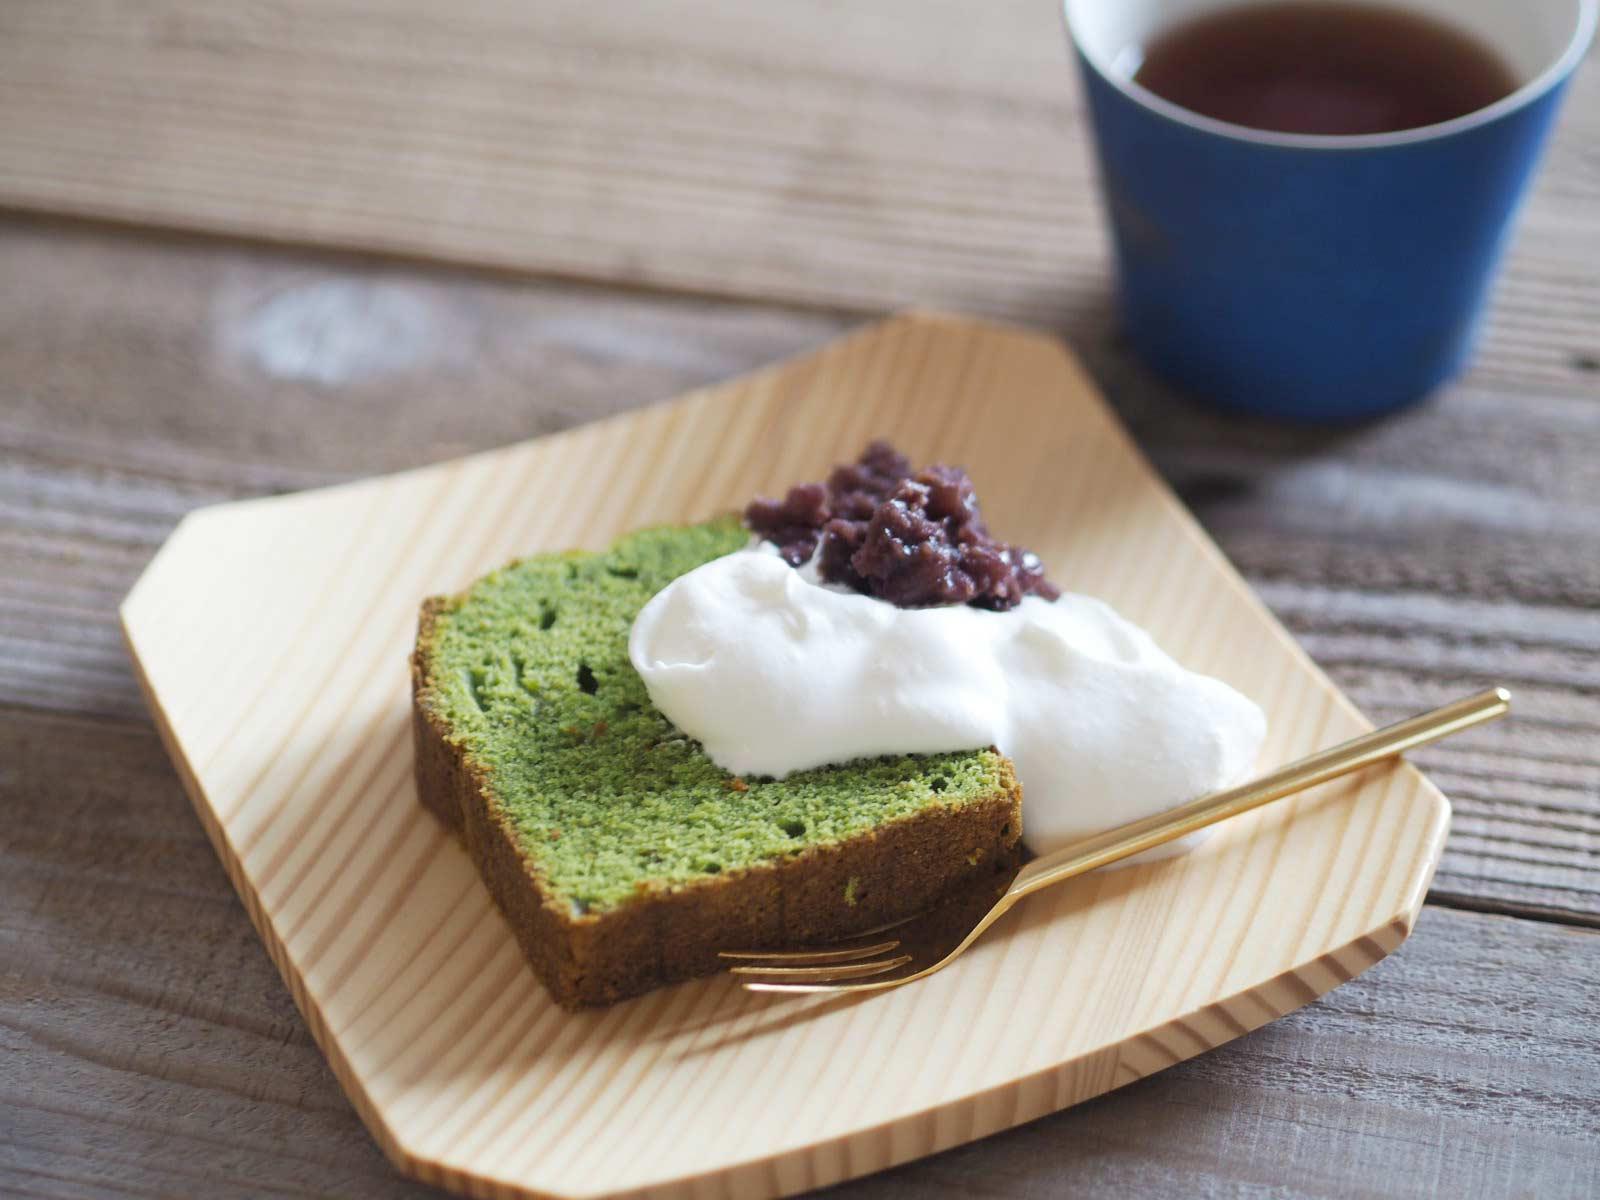 生クリームと小豆をトッピングした抹茶パウンドケーキ